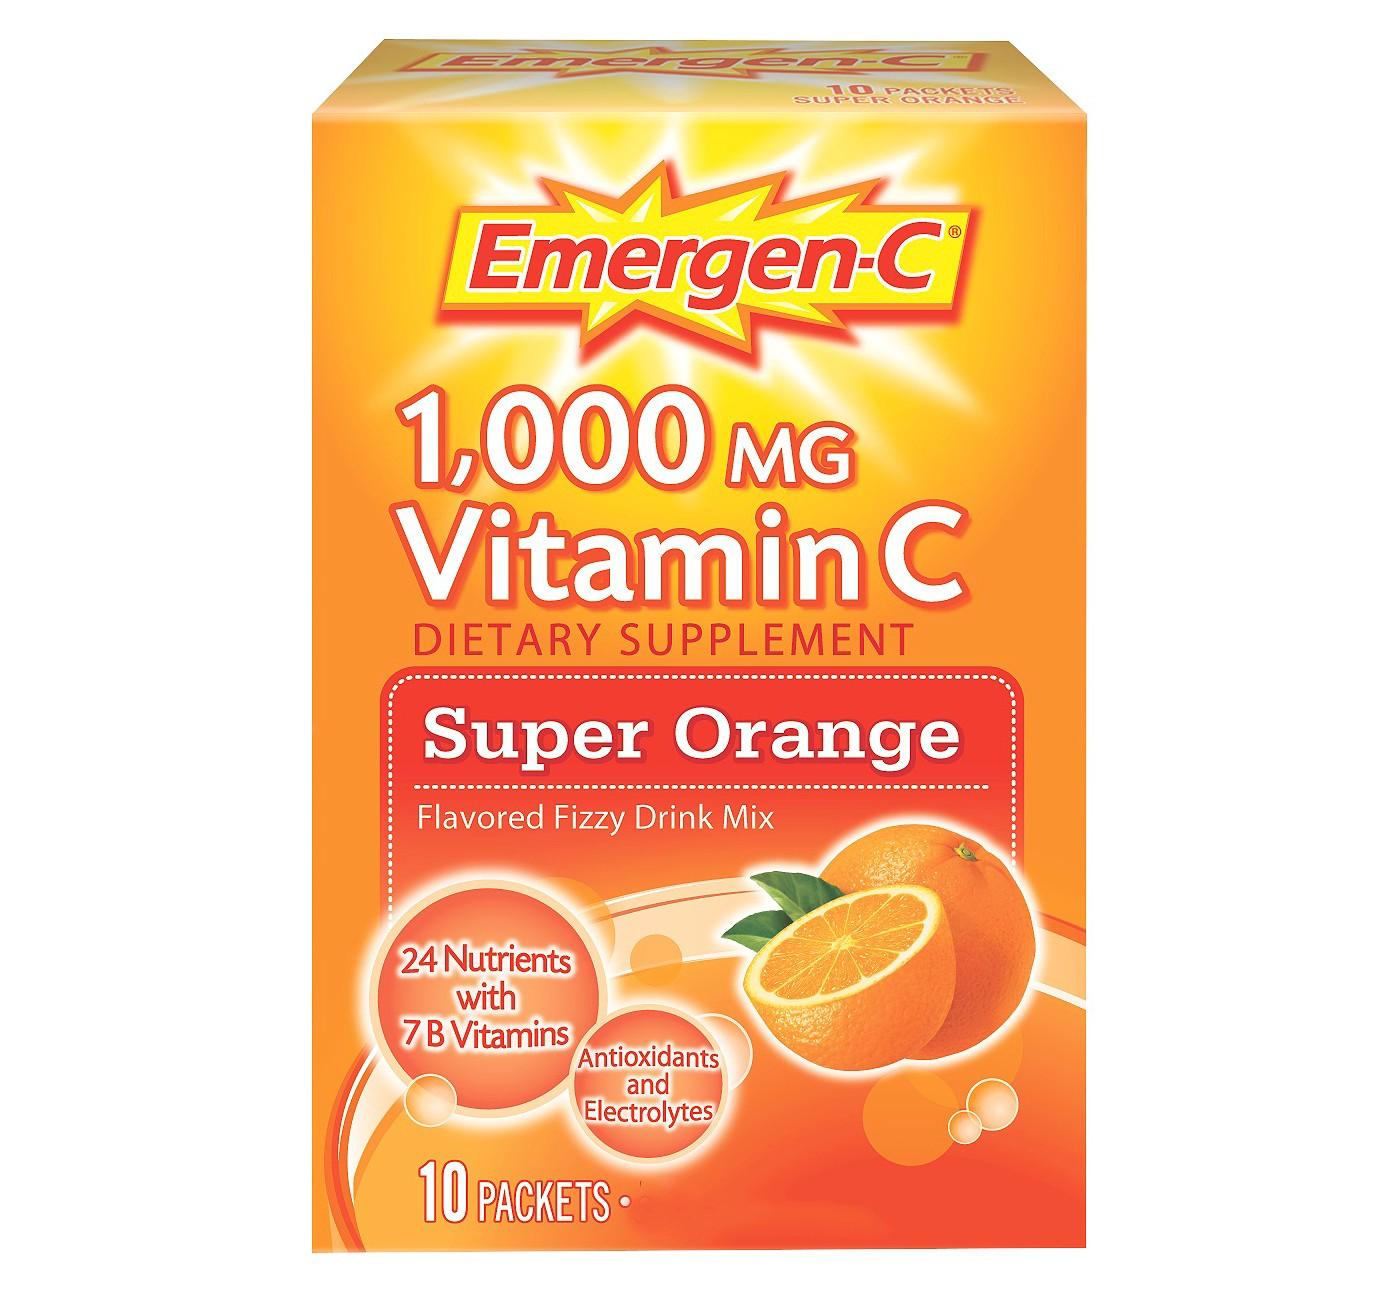 Emergen-C Vitamin C Drink Mix - Super Orange - image 1 of 5